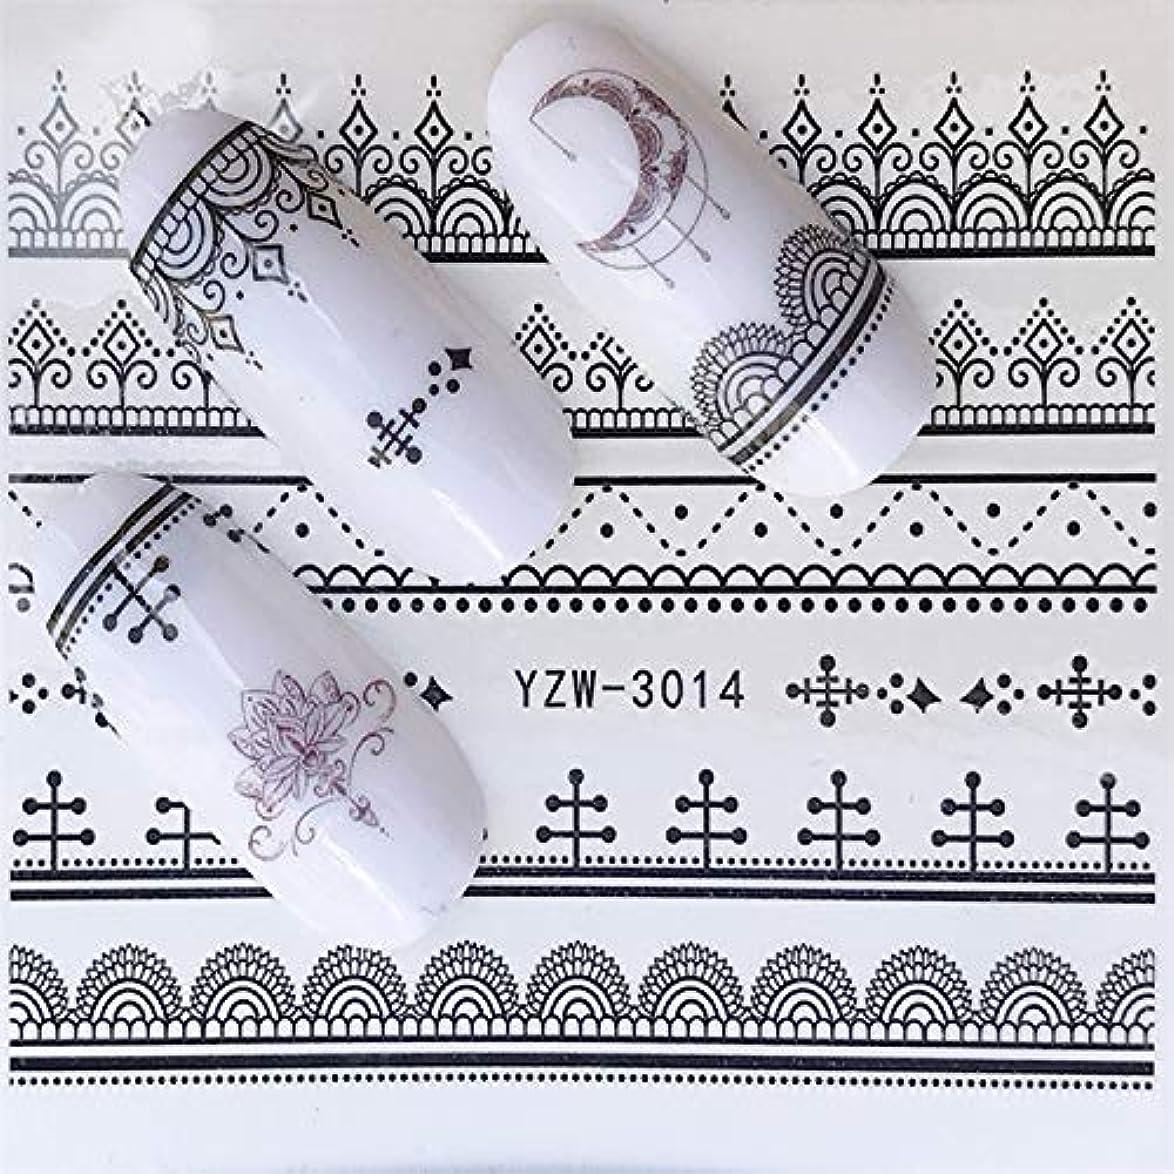 かび臭い見かけ上味付け手足ビューティーケア 3個ネイルステッカーセットデカール水転写スライダーネイルアートデコレーション(YZW3002) (色 : YZW3014)